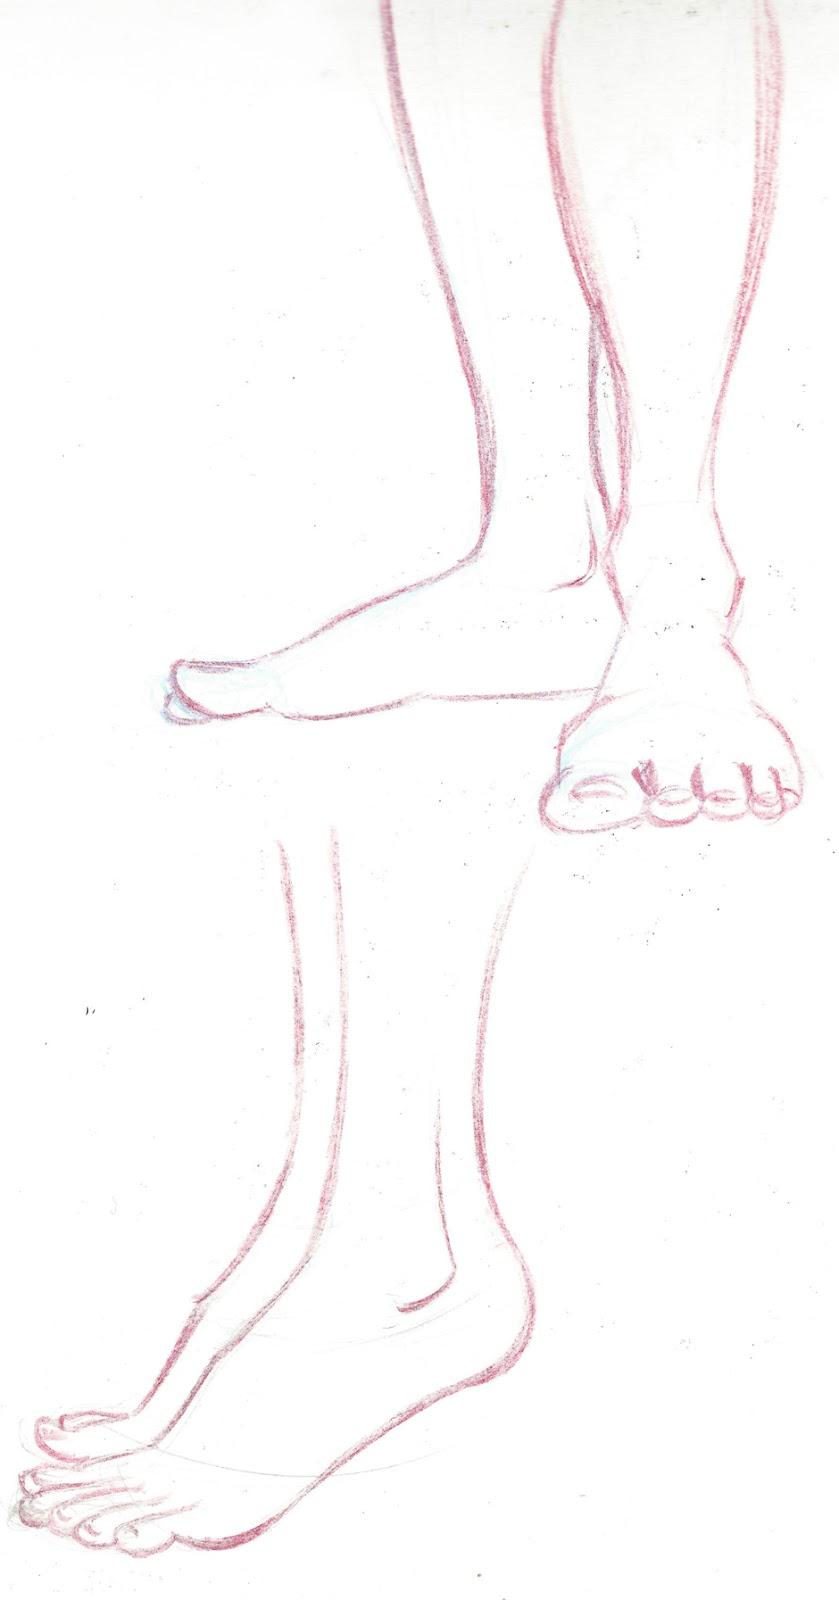 feet-sketches-iamo.jpg